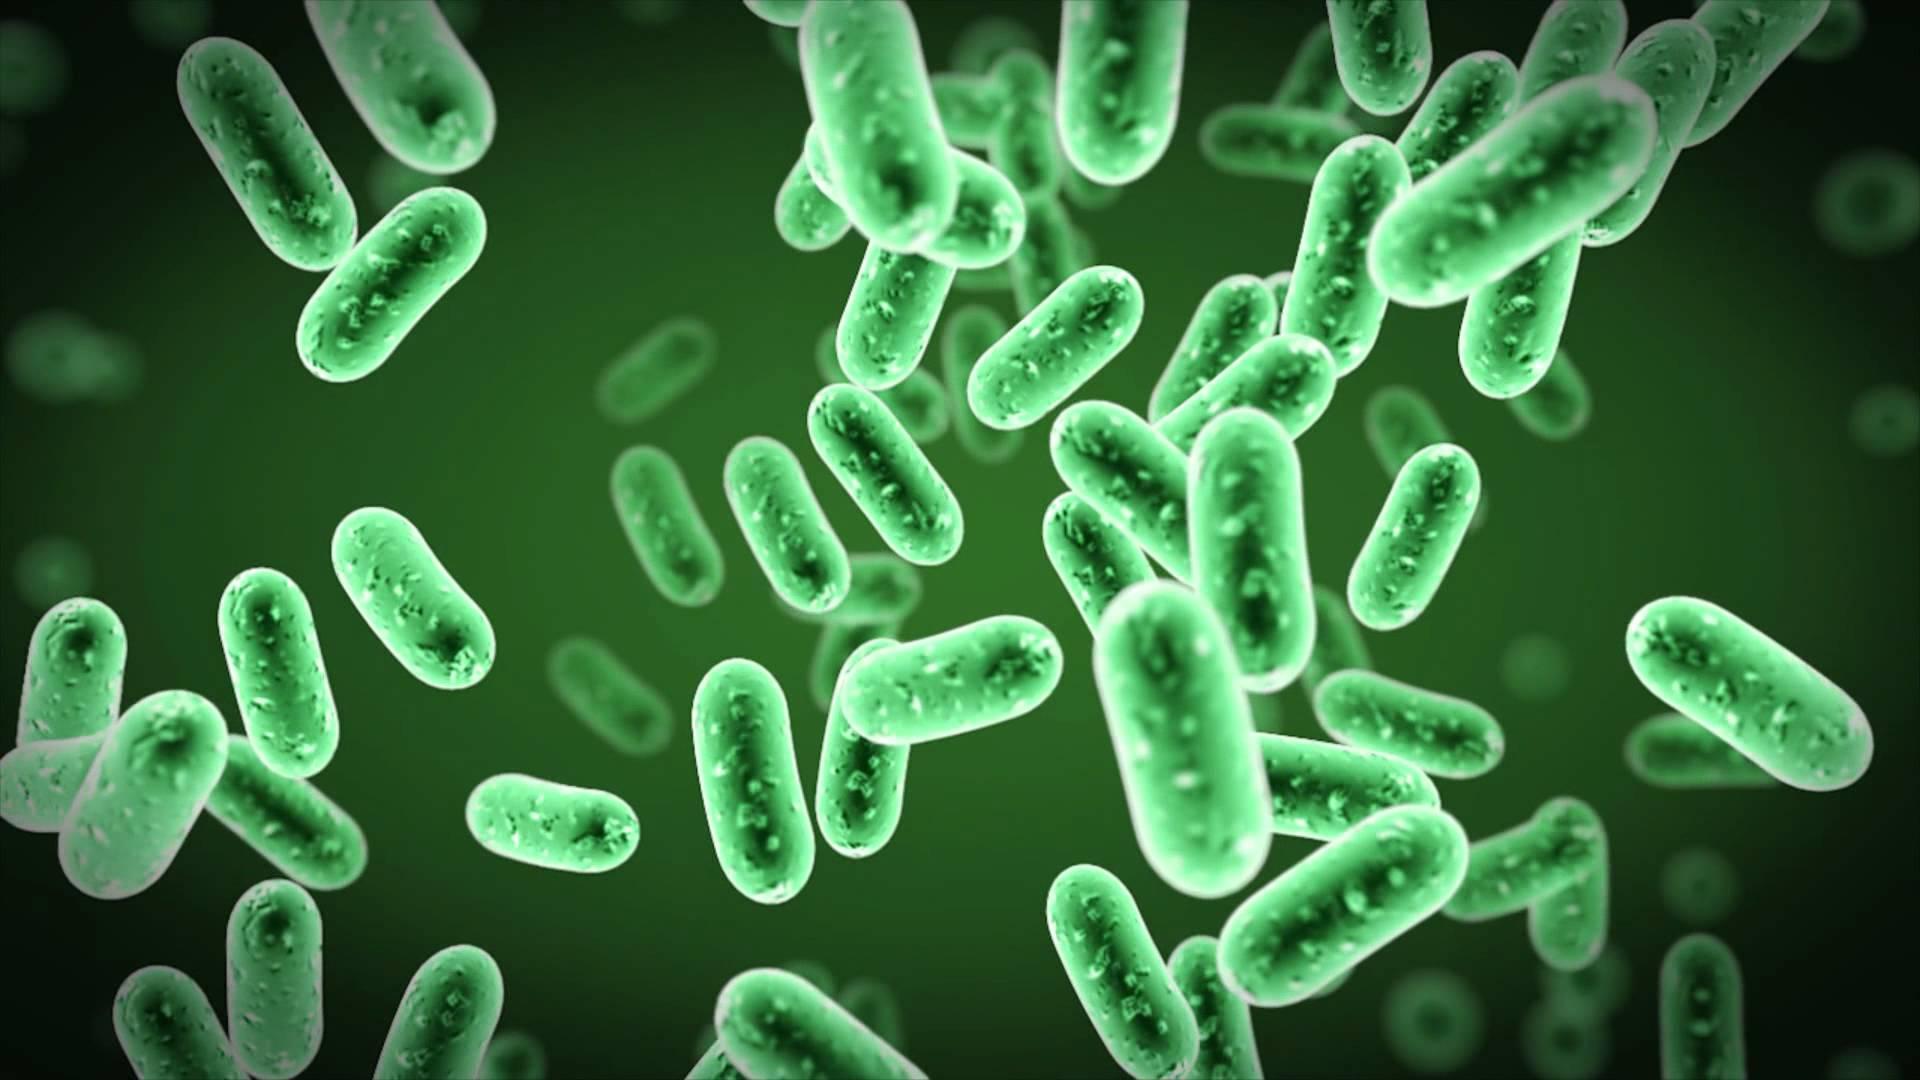 vozdeistvie-mikrobov-v2.orig